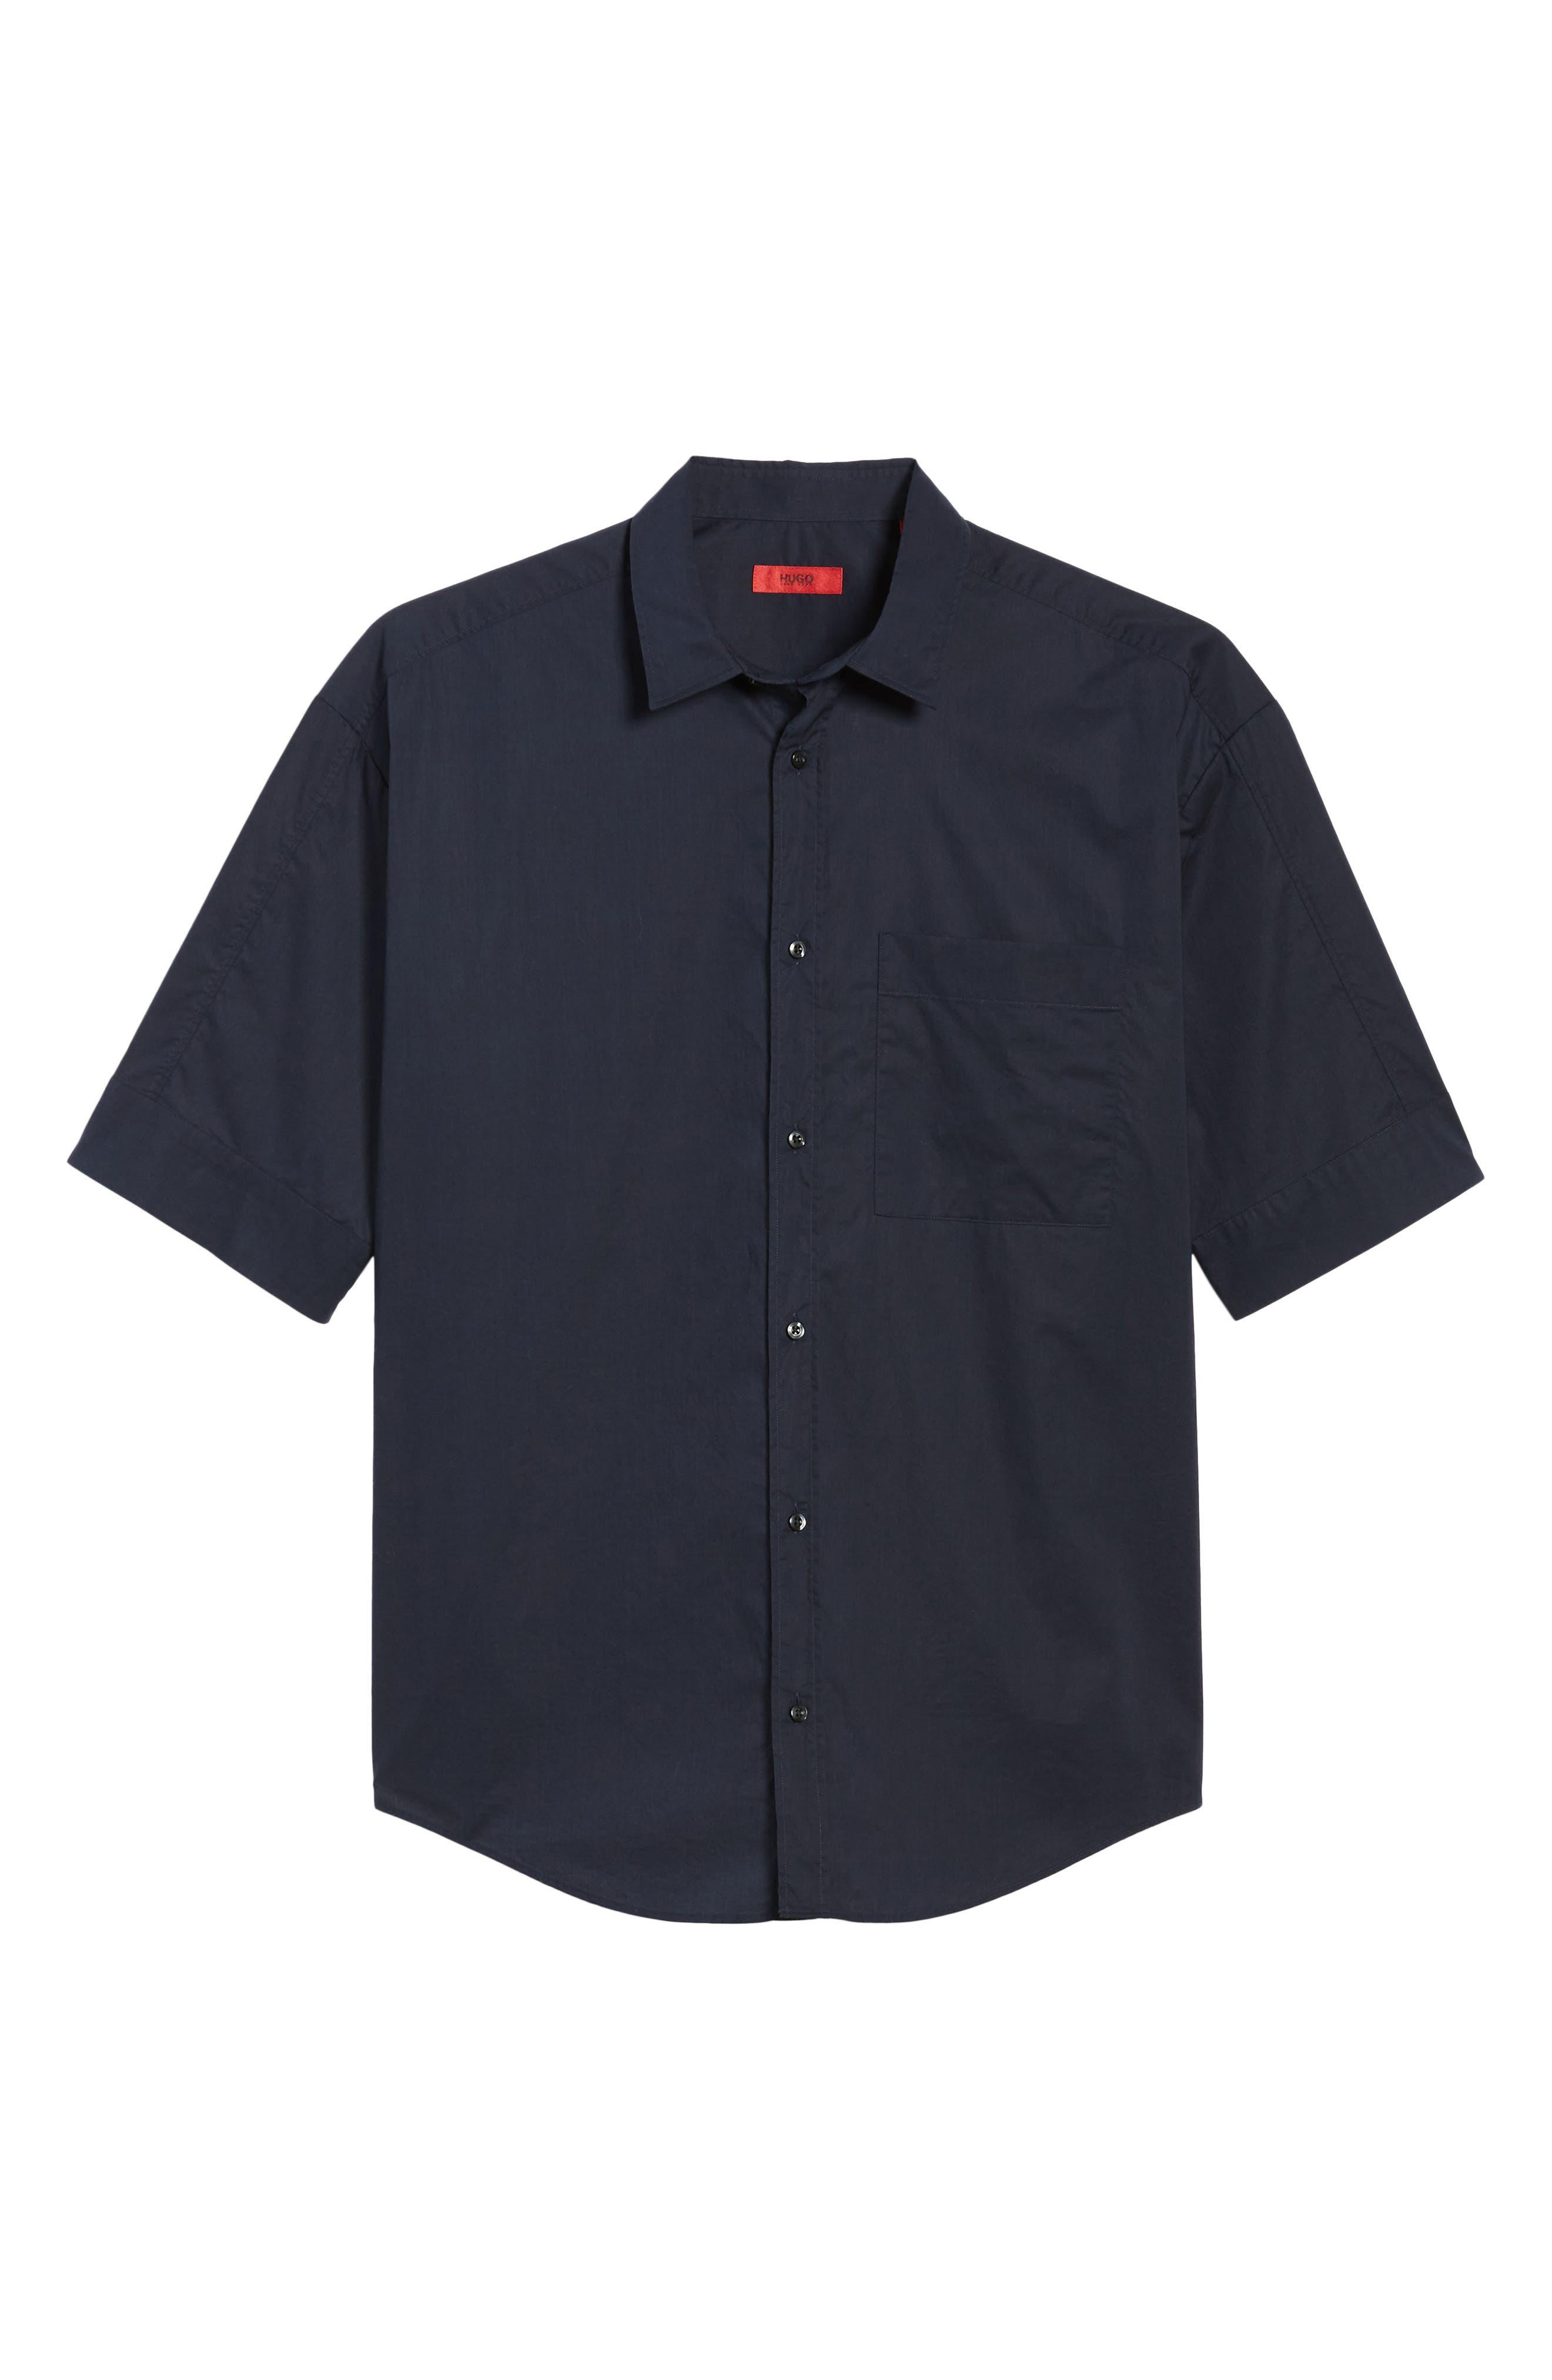 Eynold Oversized Short Sleeve Sport Shirt,                             Alternate thumbnail 6, color,                             413